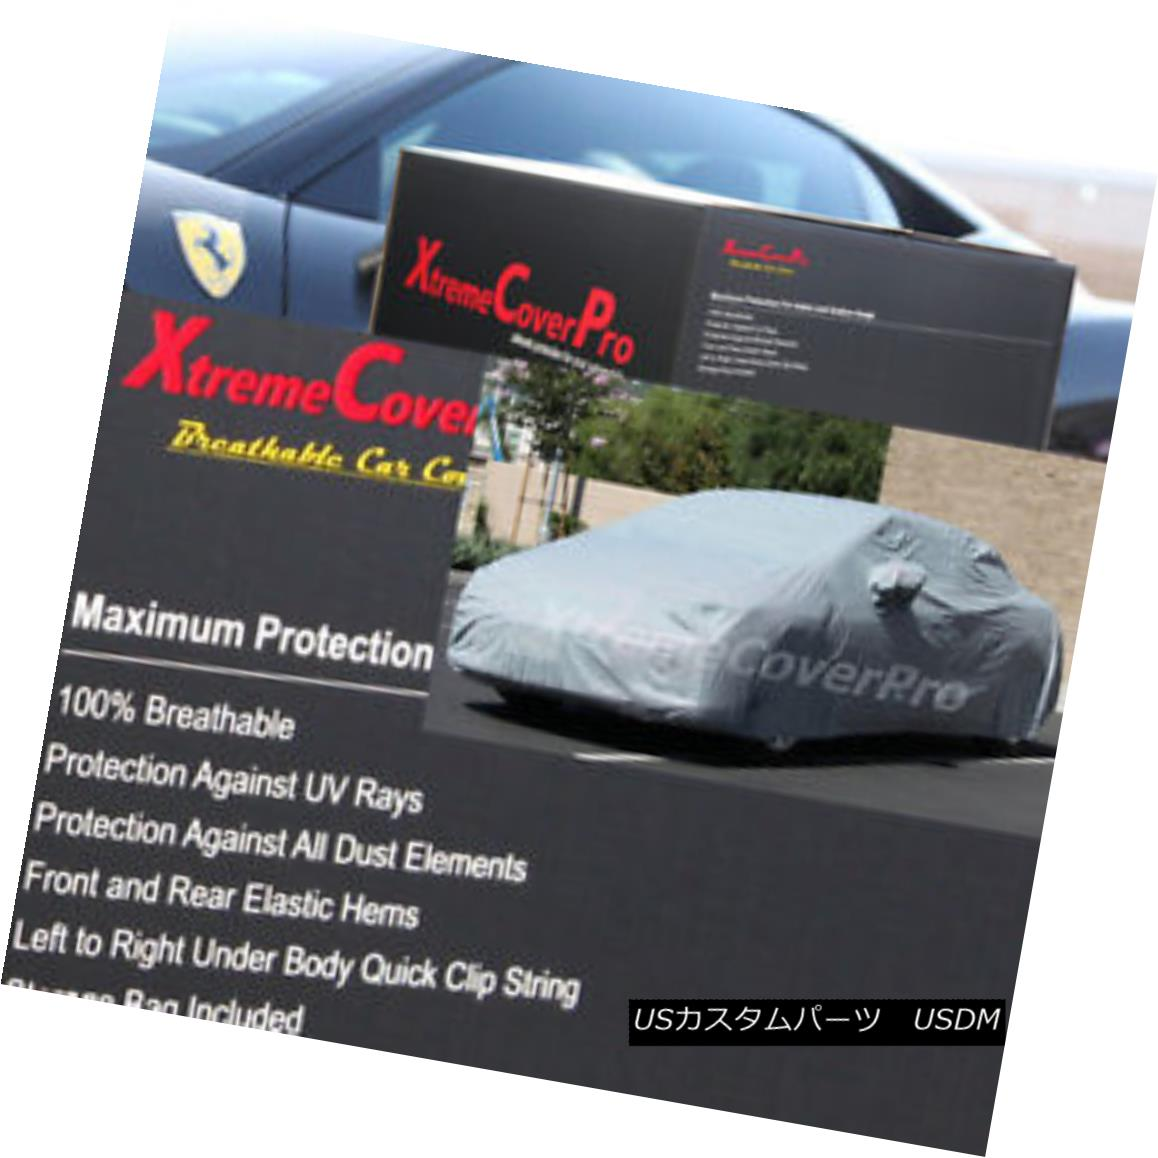 カーカバー 2015 HONDA CR-Z Breathable Car Cover w/Mirror Pockets - Gray 2015 HONDA CR-Z通気性のある車カバー付き/ミラーポケット - グレー